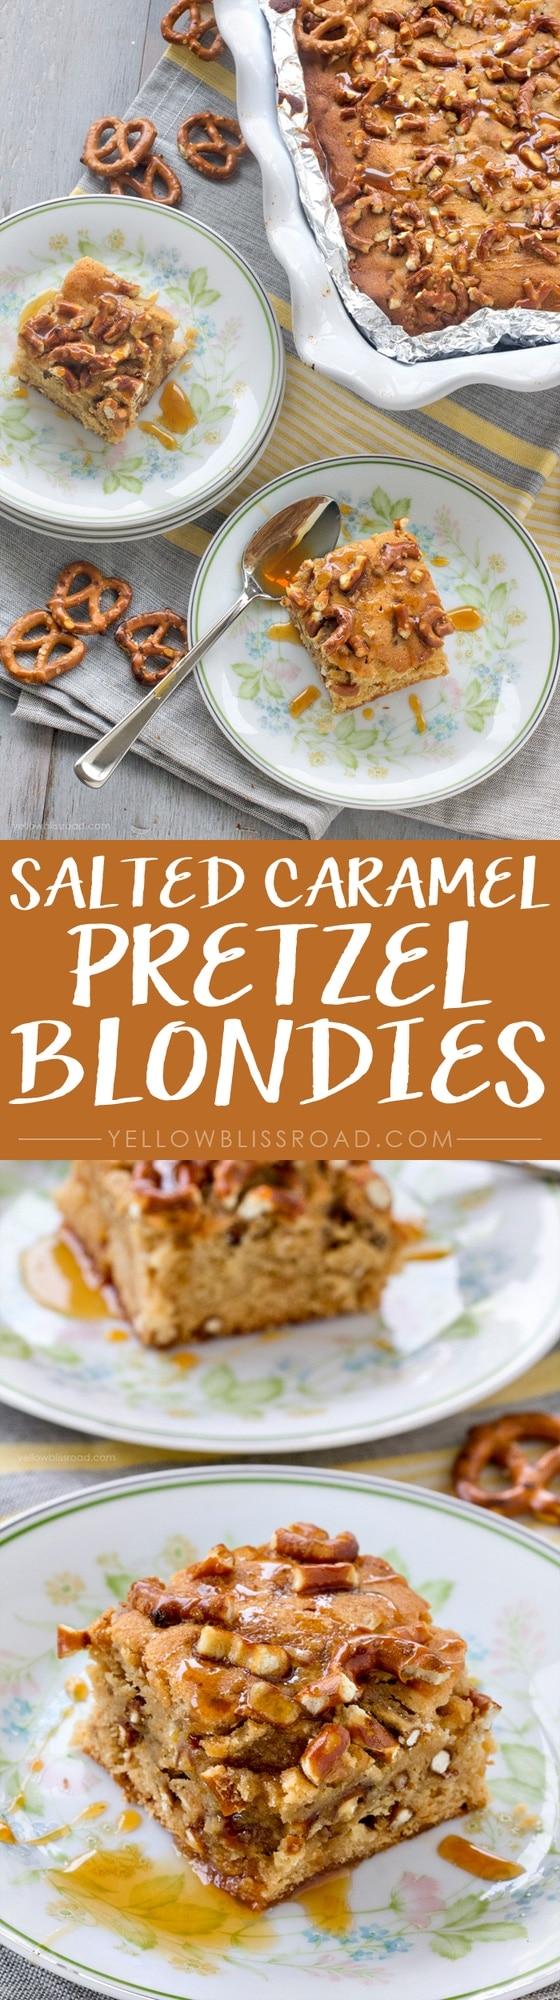 Salted Caramel Pretzel Blondie Bars